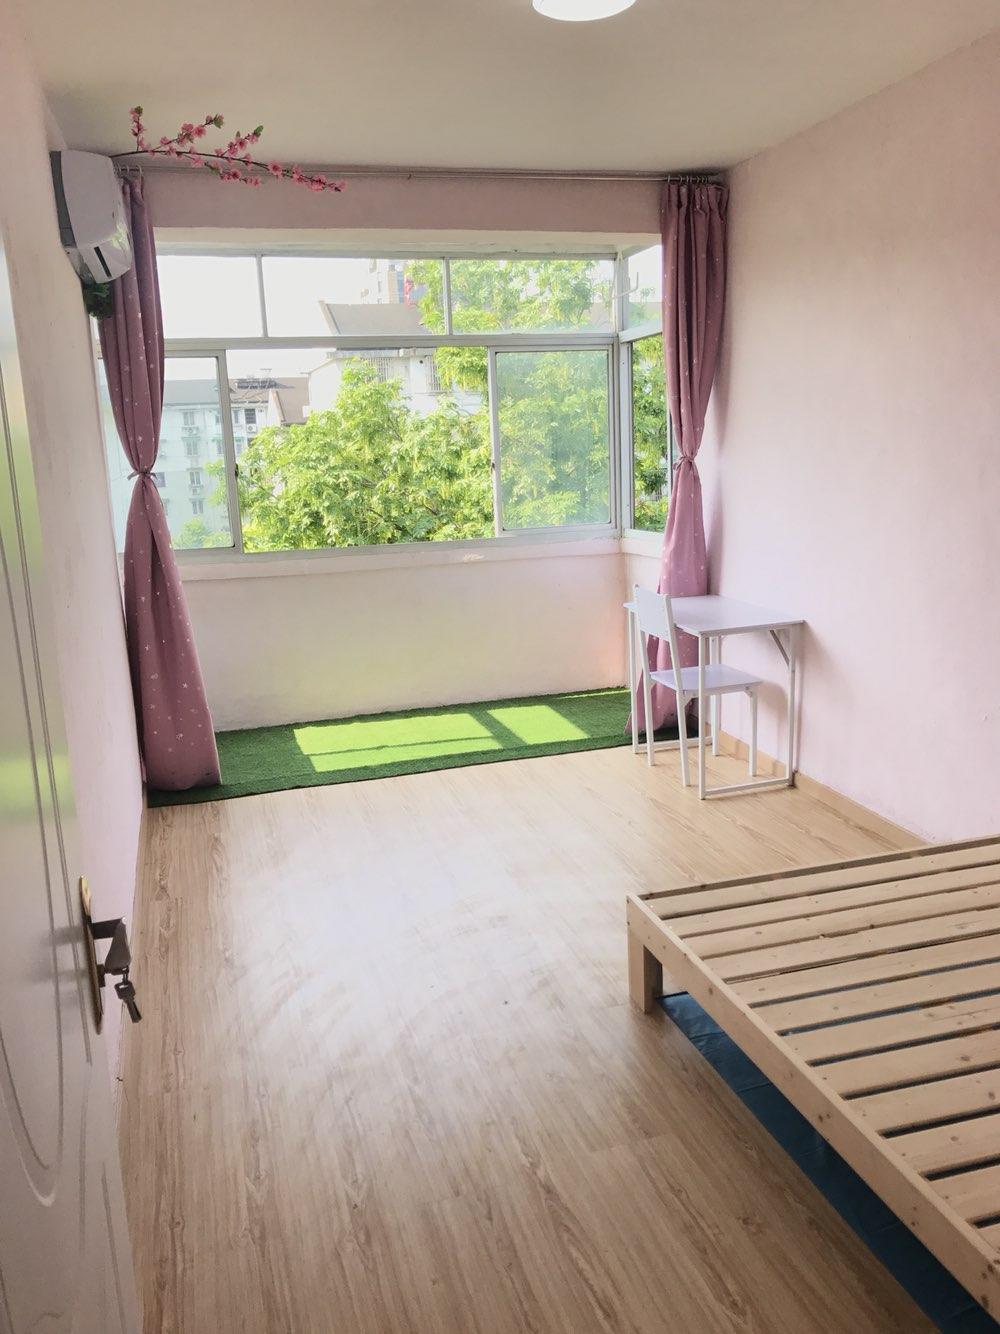 韩式甭扫地拖地全宅木地板墙衣地铁空中森林别墅(可单租我是房东